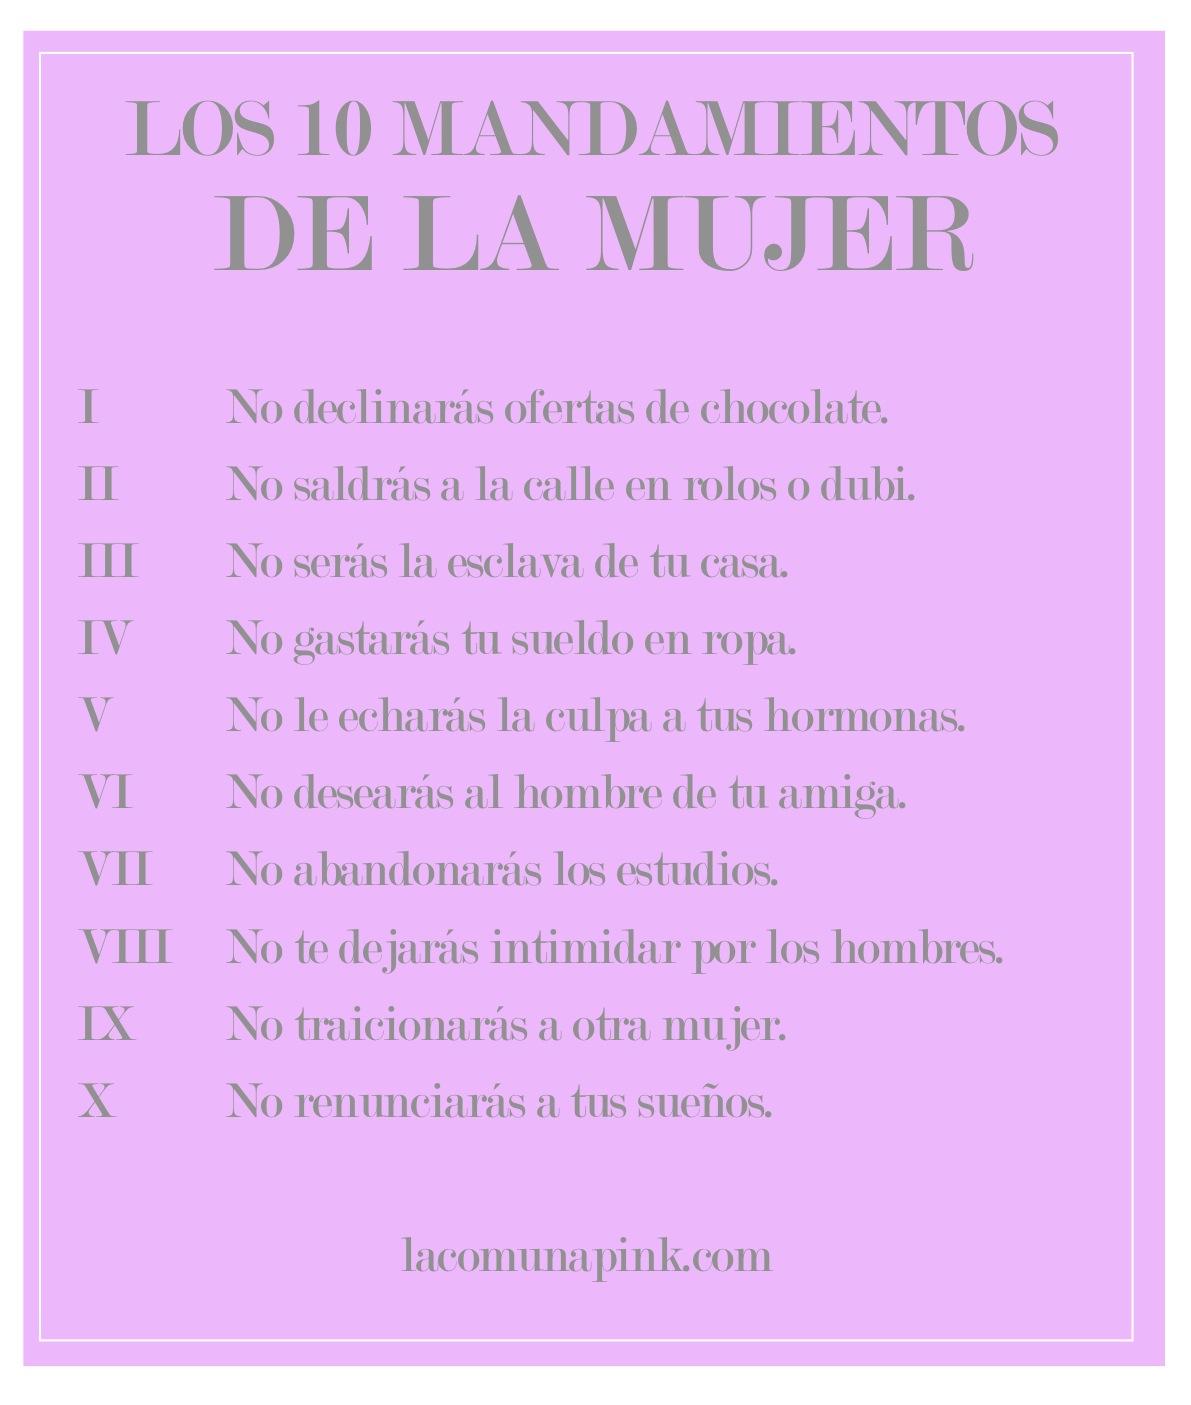 Los diez mandamientos de la sanacion new style for 2016 2017 - Los 10 locos mandamientos ...